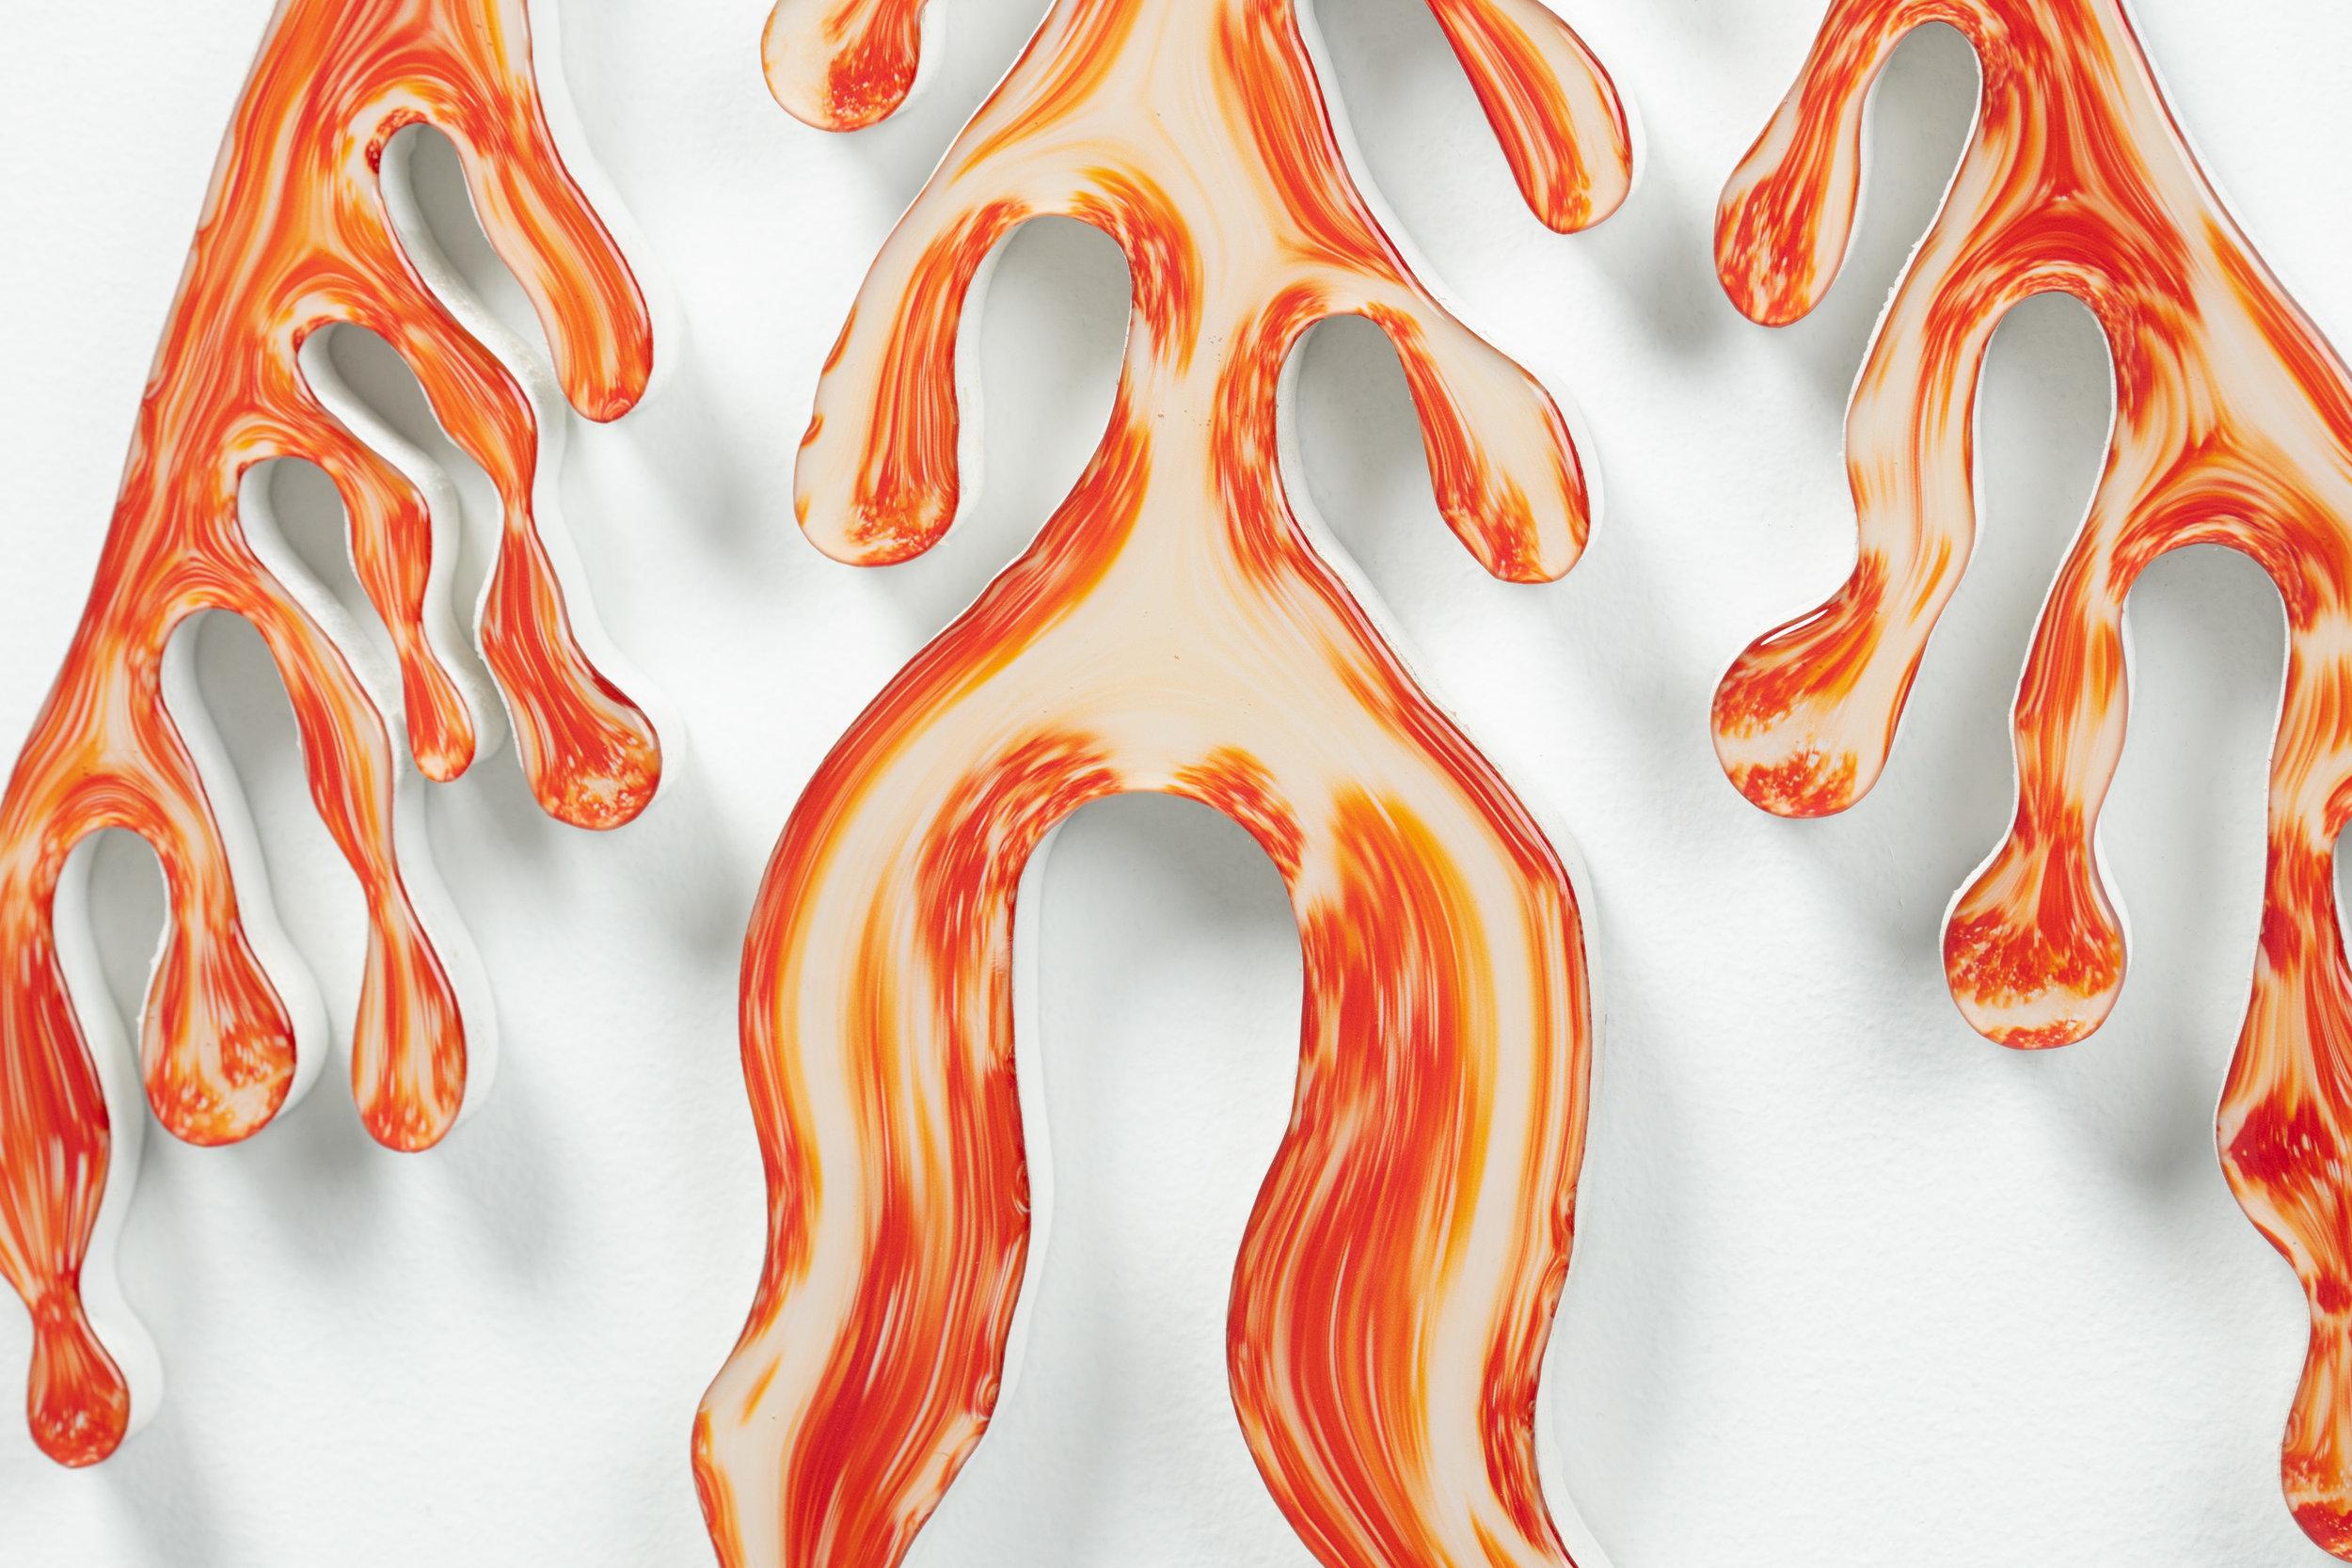 meat figure 01-021.jpg